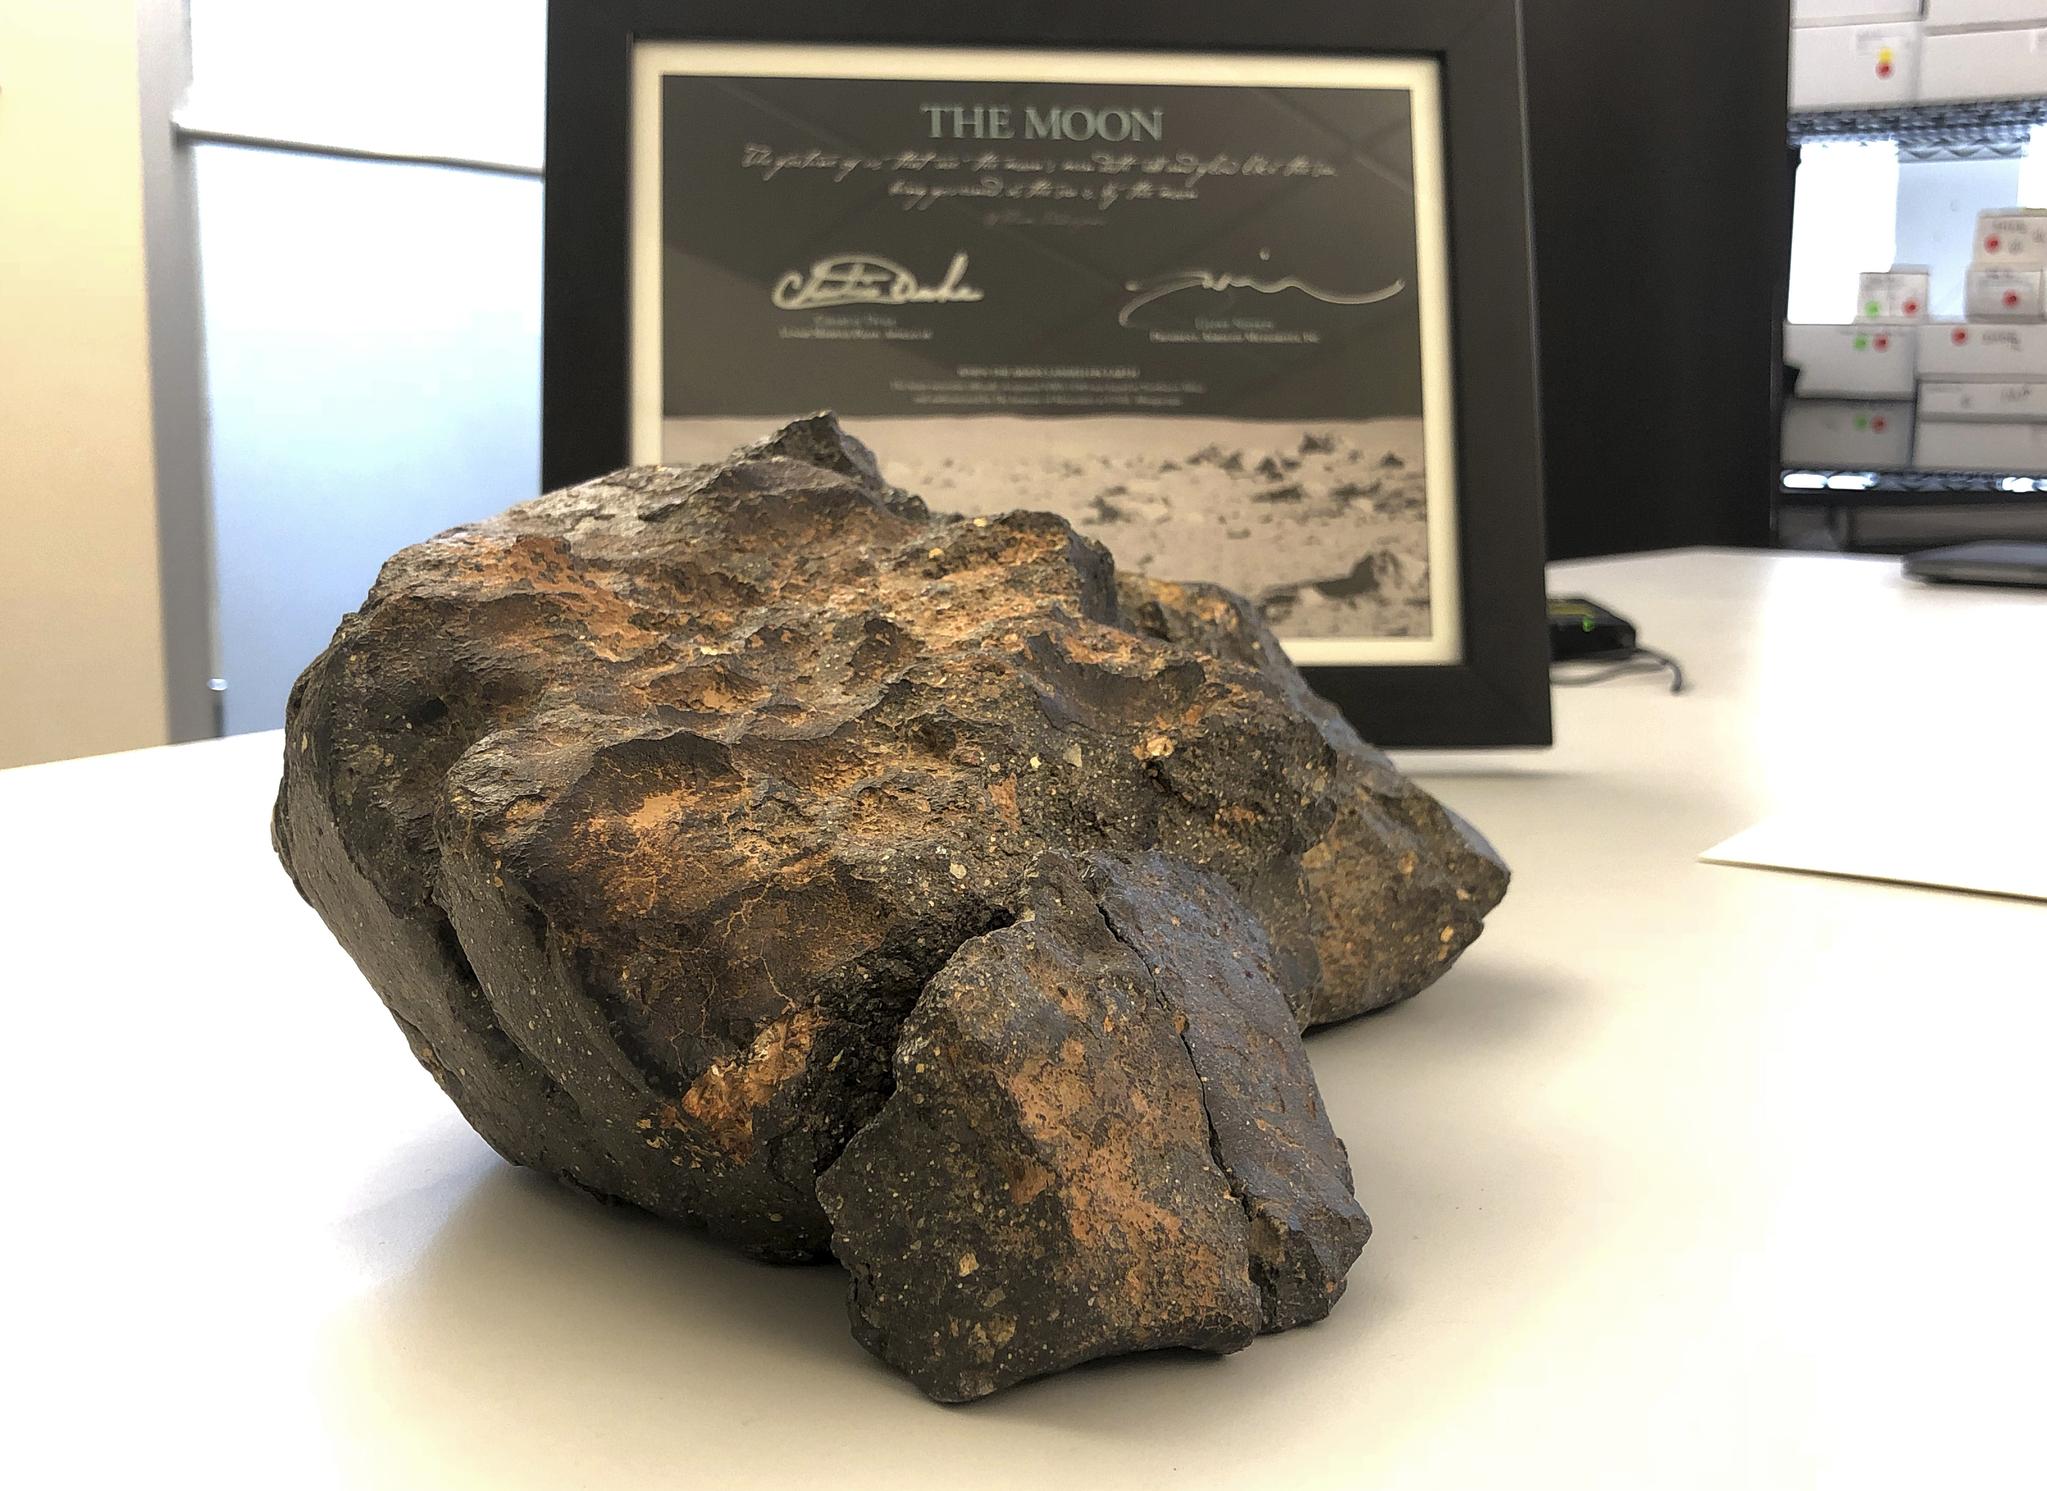 달 운석의 일반거래는 매우 드물다. 대부분 발견된 지역의 나라소유로 넘어간다. 부아그바는 공개적으로 판매되는 달 운석 중 가장 크다. [AP=연합뉴스]